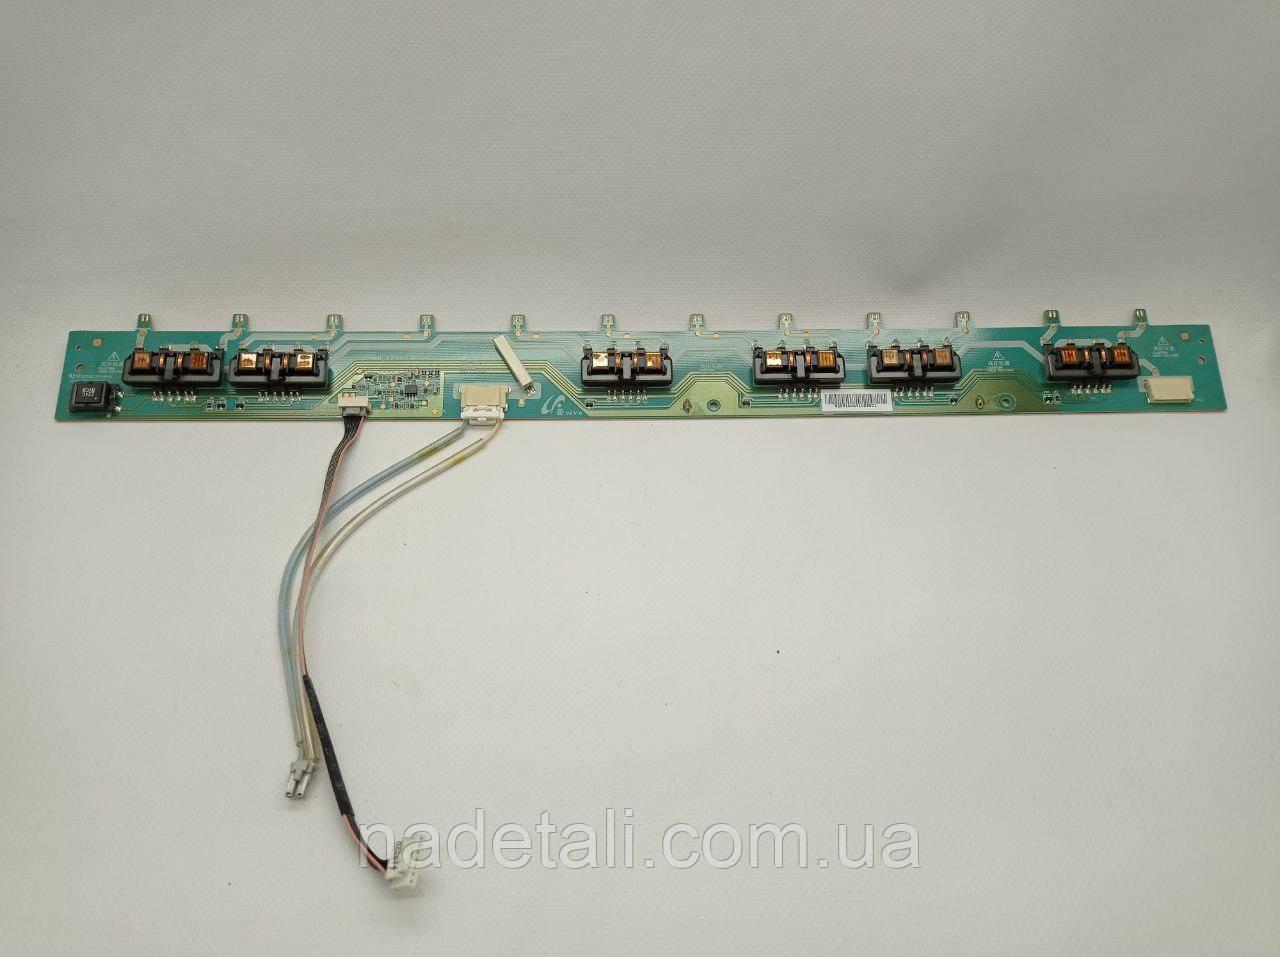 Инвертор SSB400_12V01 REV 0.3